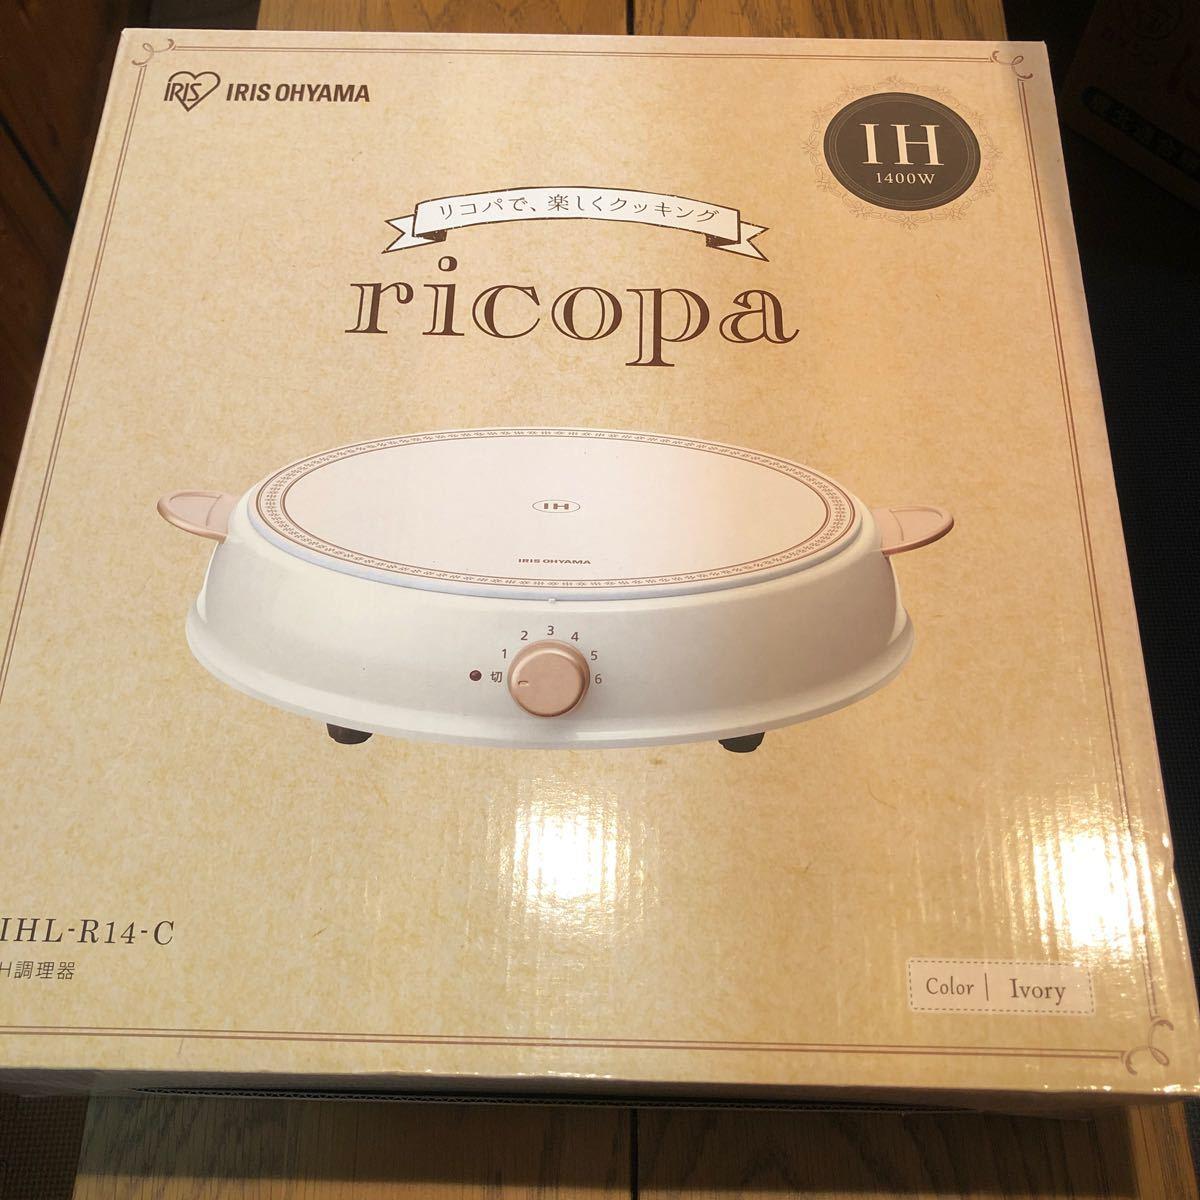 アイリスオーヤマ IH調理器 ricopa IHLP-R14-C (アイボリーホワイト)新品未開封